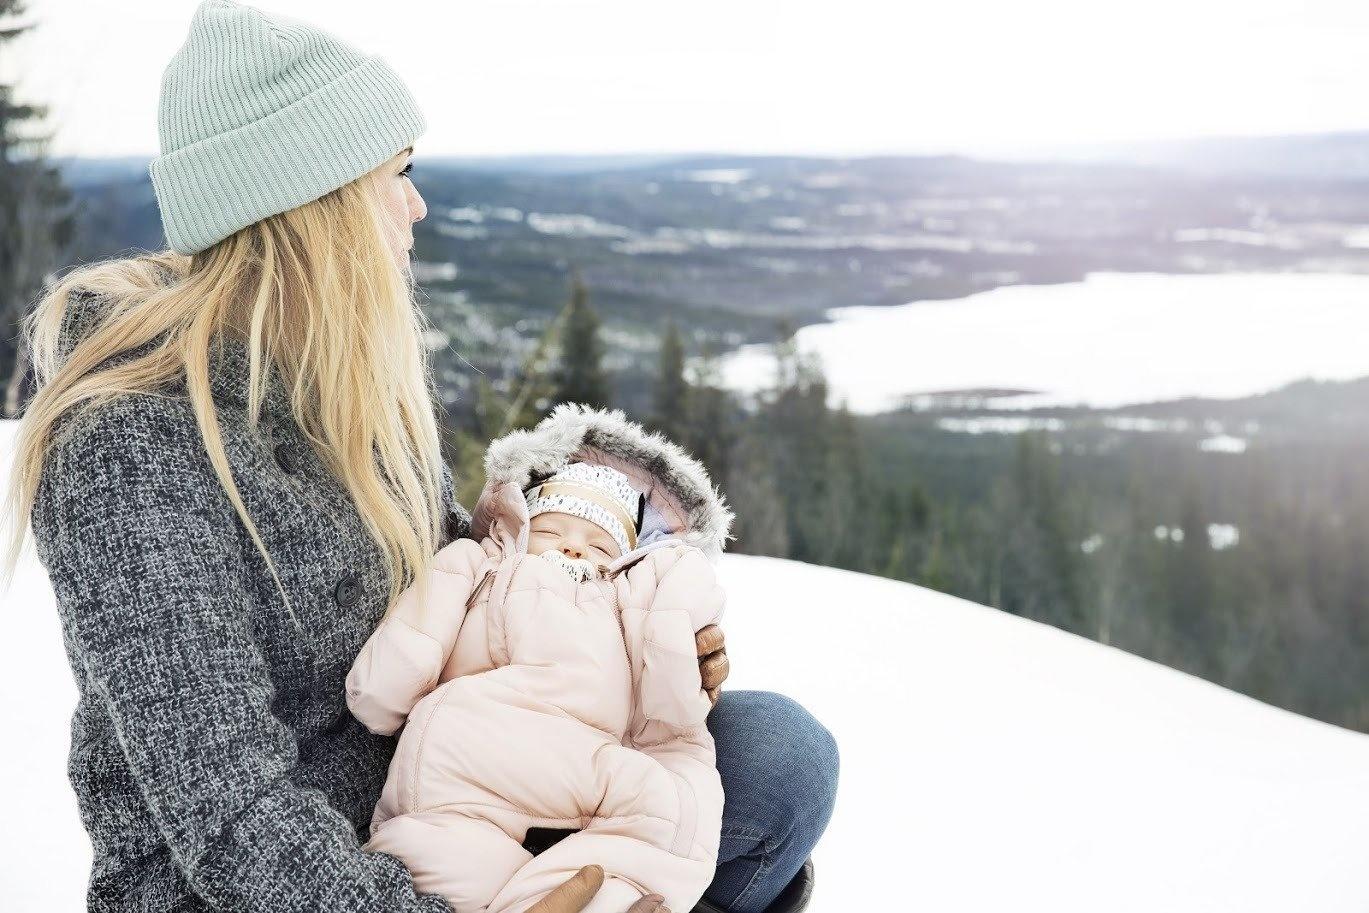 Elodie Details Elodie Details Voetenzak / Overall-slaapzak voor Autostoel - Powder Pink 6-12m